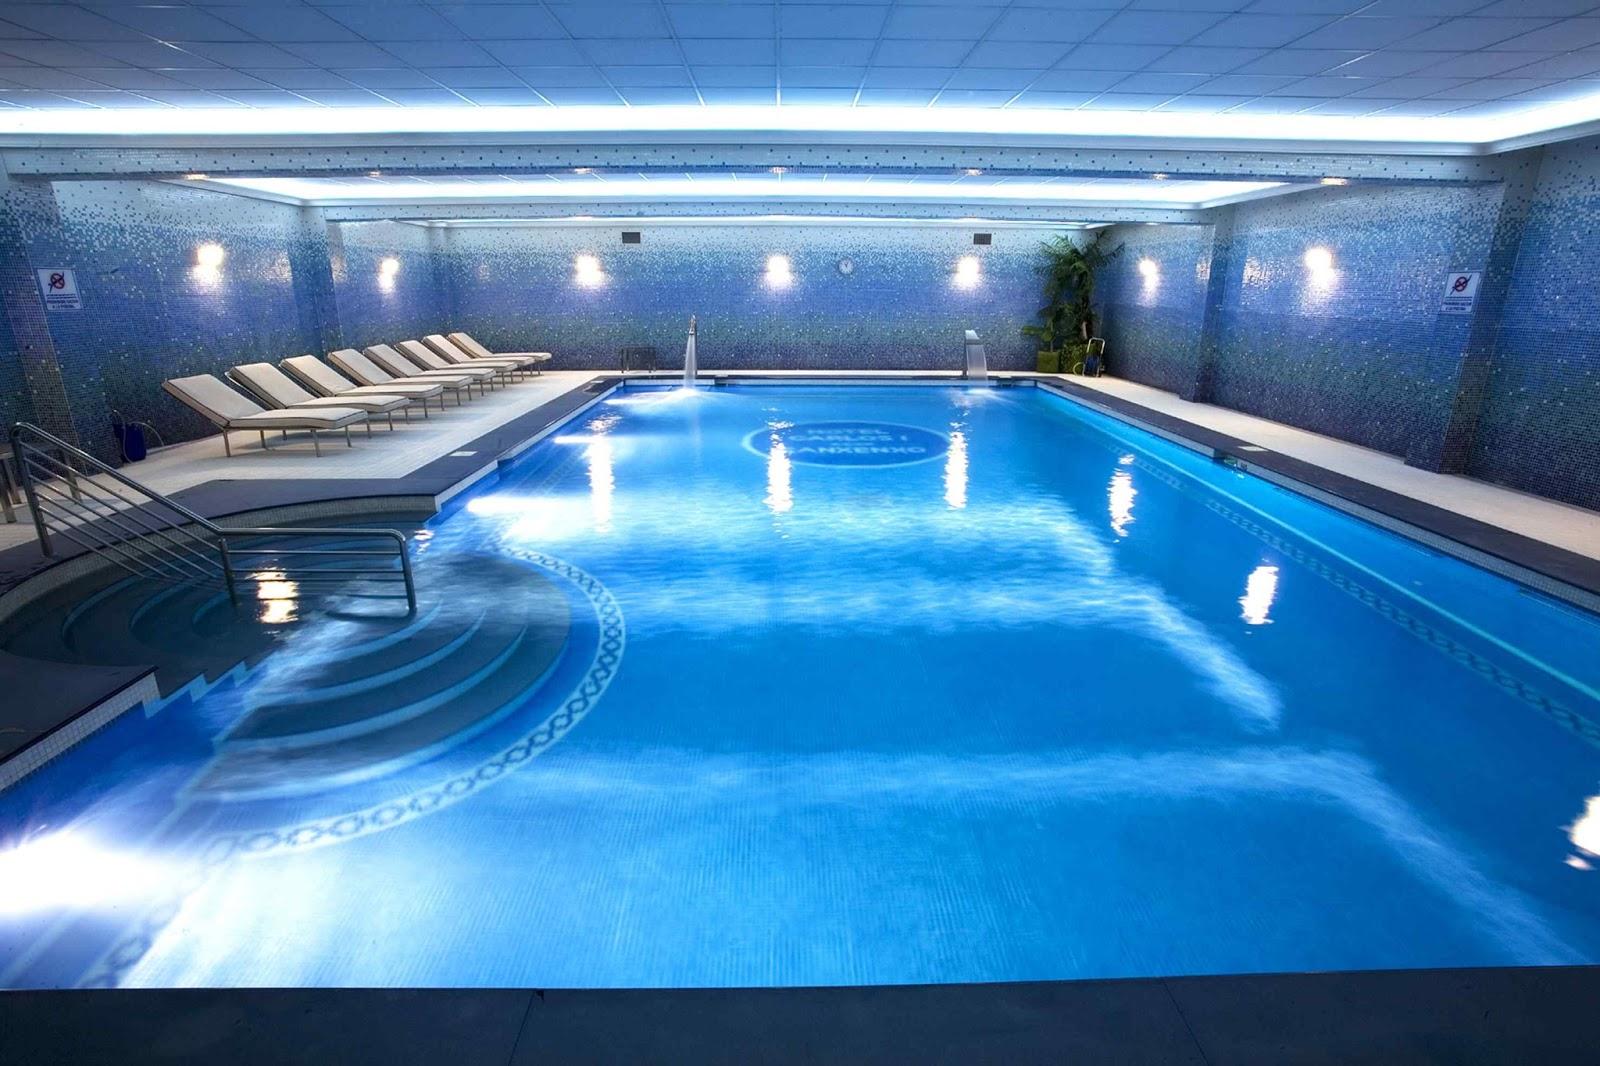 las mejores piscinas del mundo la naturaleza nos sorprende ForFotos De Piscinas Climatizadas